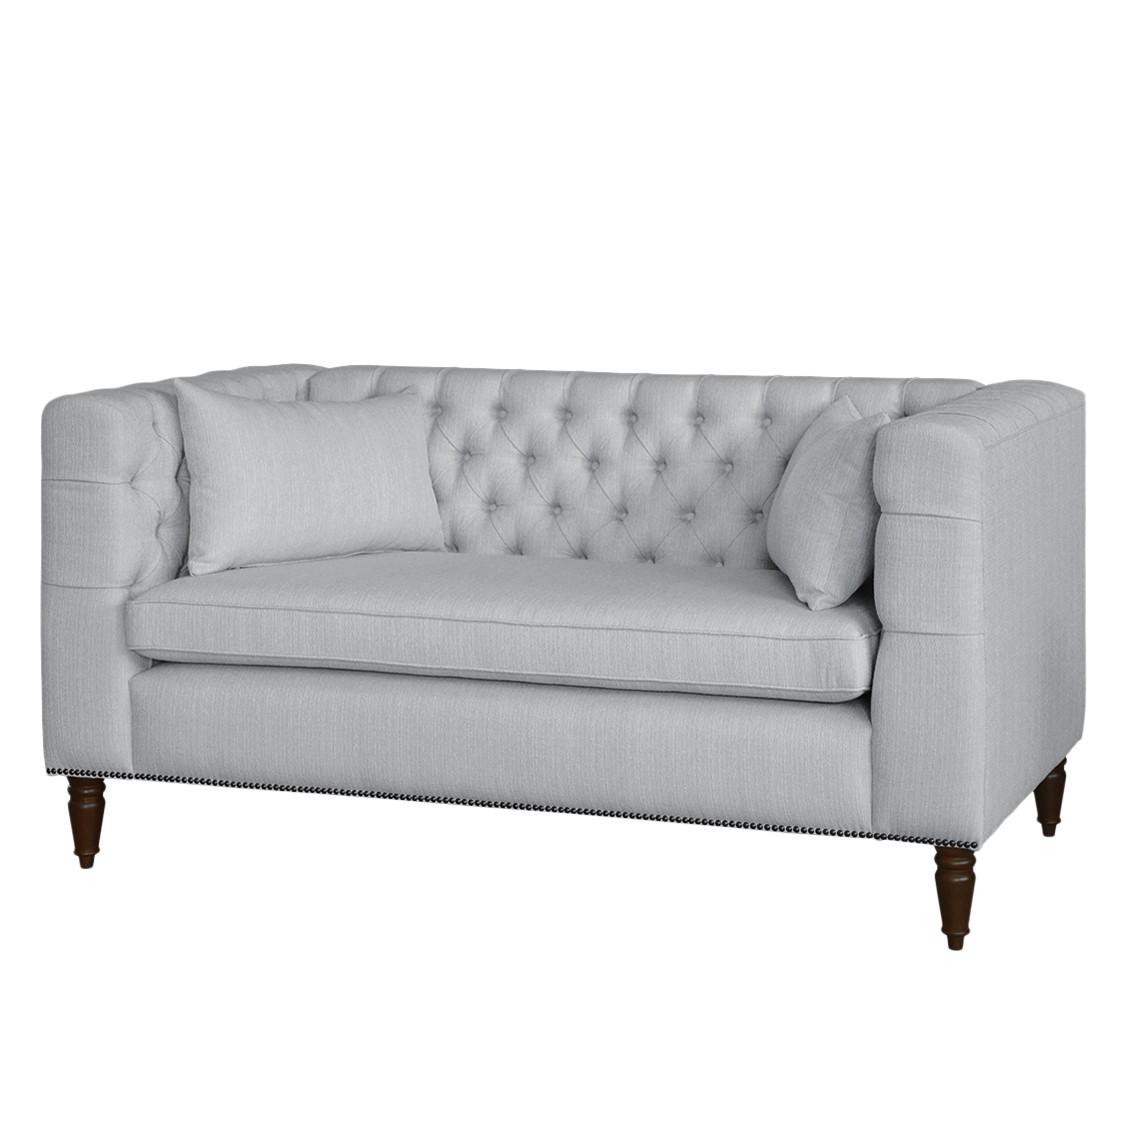 home24 Sofa Sherbrooke (2-Sitzer) Strukturstoff | Wohnzimmer | Grau | Maison Belfort